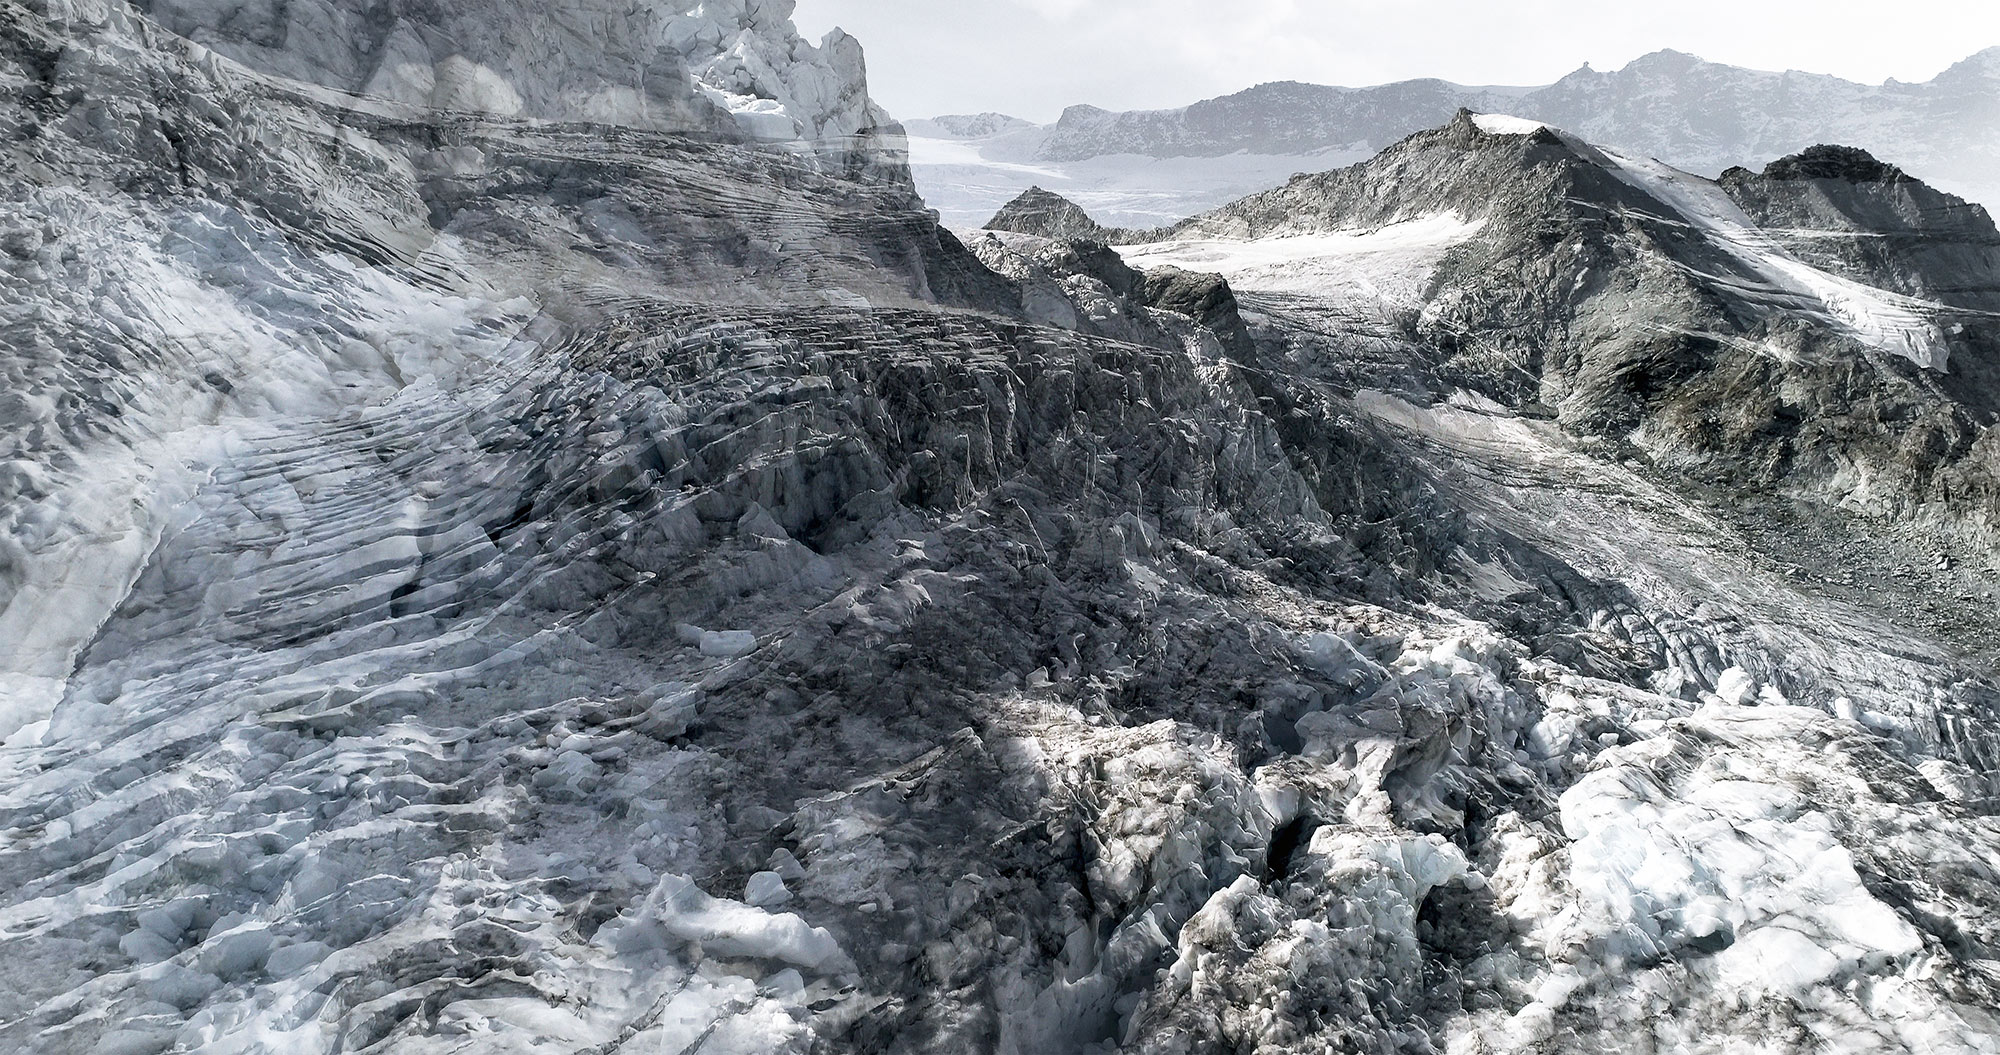 #36 Glaciers offset, 2017, photographie reconstruite à partir de bandes videos, réalisées sur les glaciers de Moiry et Ferpècle  #36 Glaciers offset, 2017, photographie reconstruite à partir de bandes videos, réalisées sur les glaciers de Moiry et Ferpècle